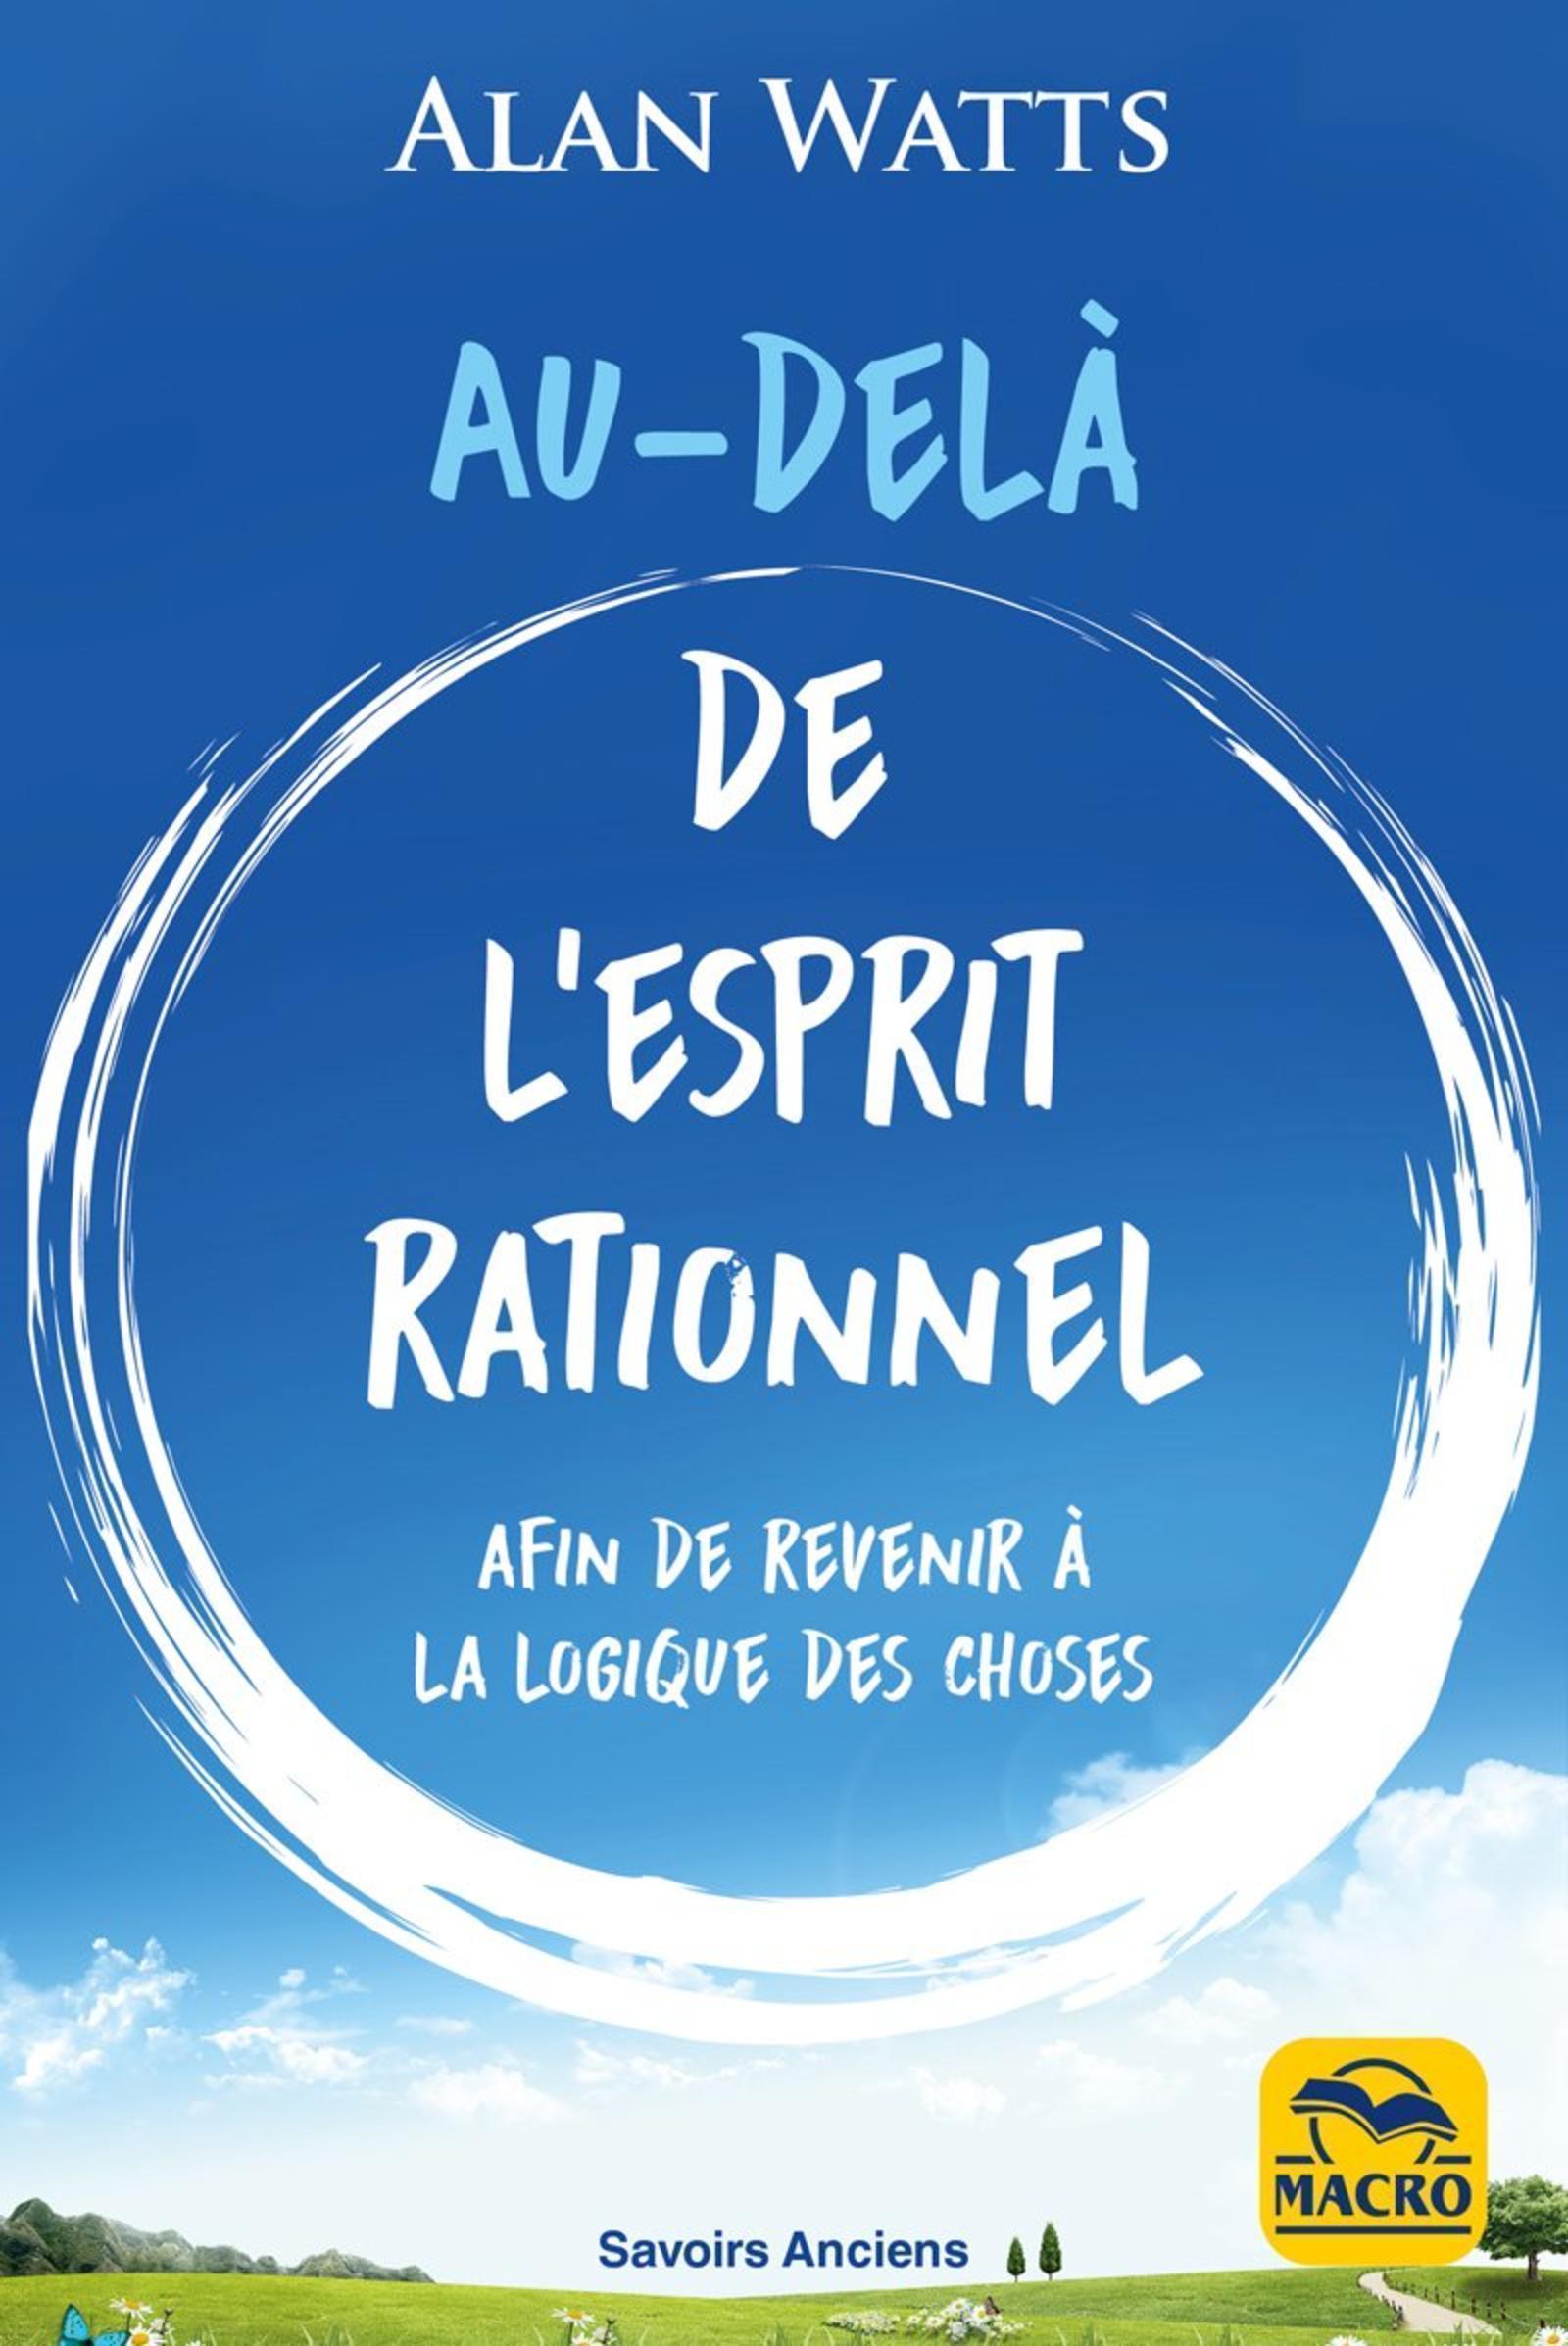 AU DELA DE L ESPRIT RATIONNEL - AFIN DE REVENIR A LA LOGIQUE DES CHOSES